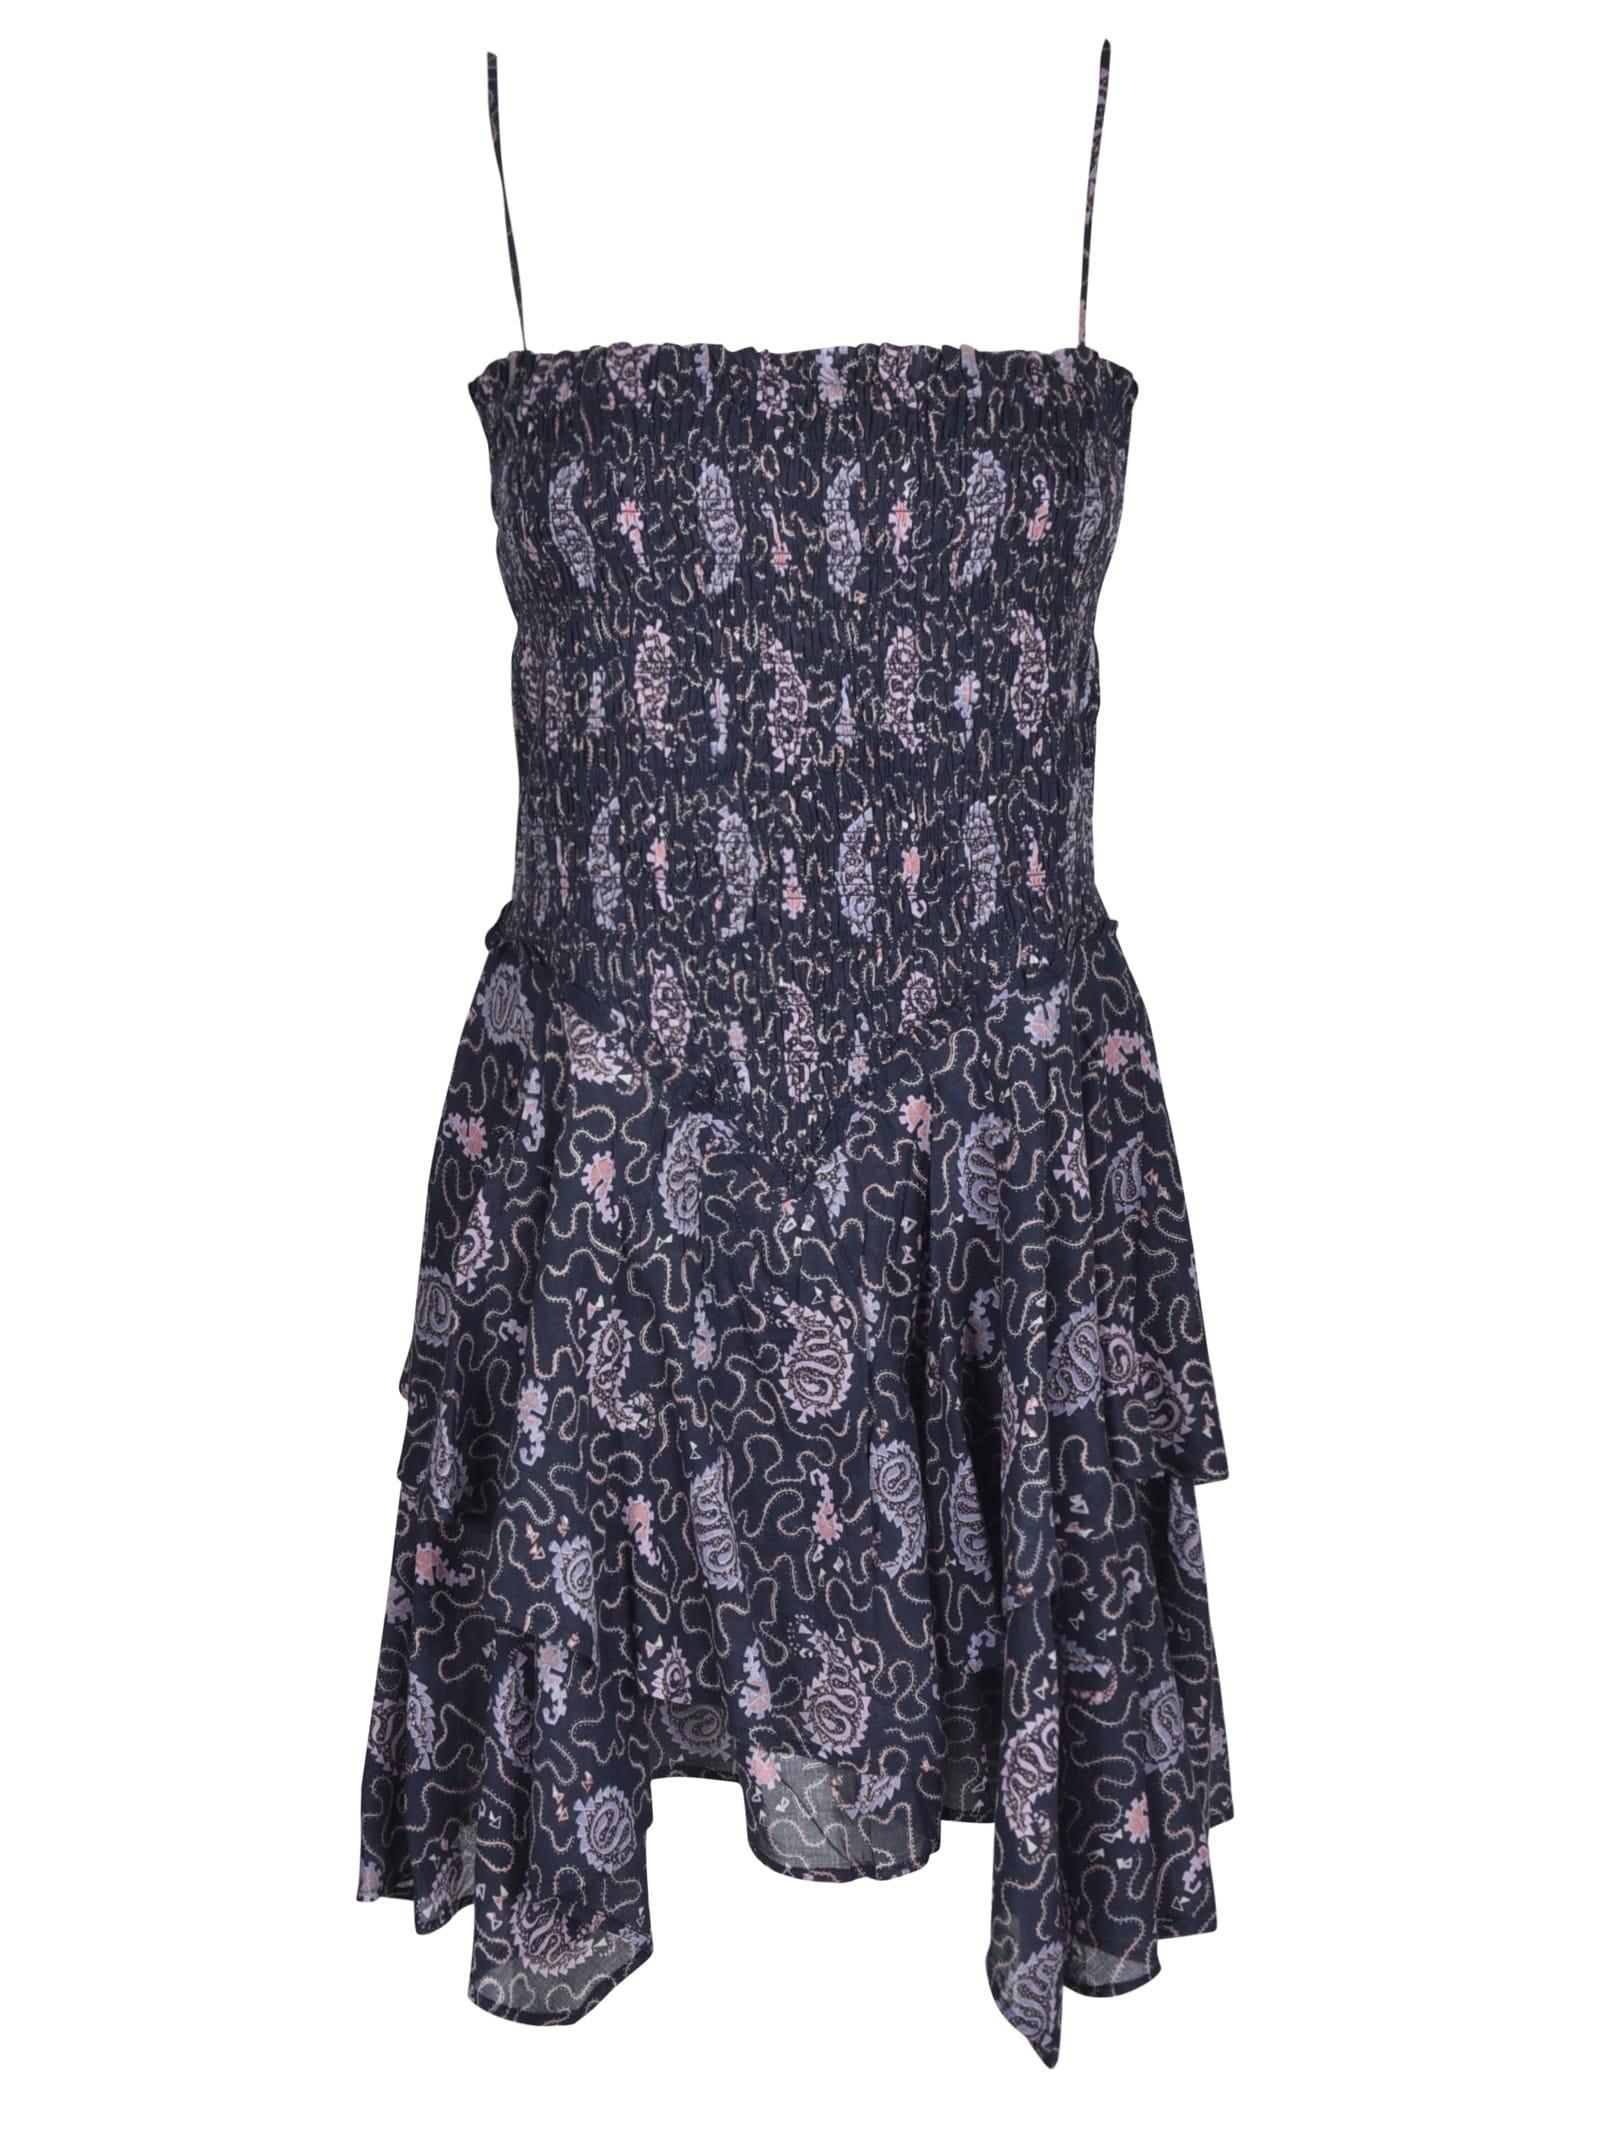 Isabel Marant Anka Dress